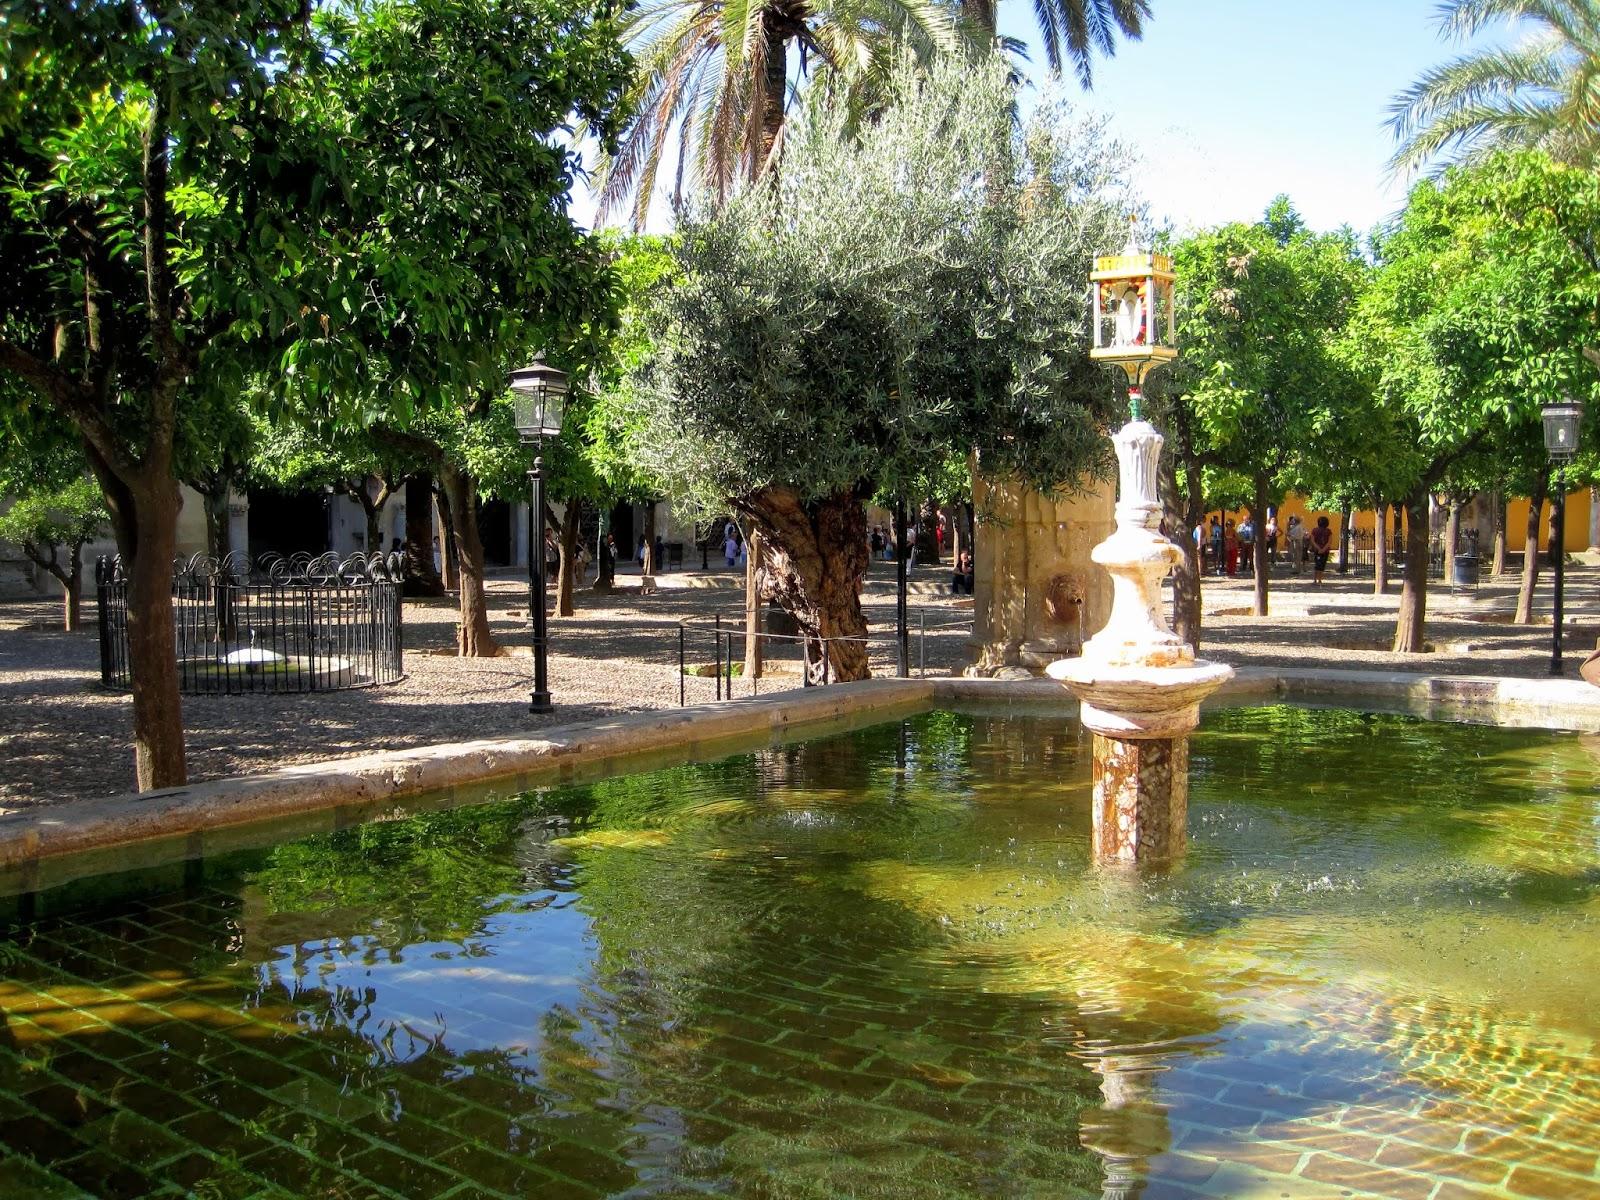 Conociendo el mundo mezquita catedral de cordoba - Fuente para patio ...